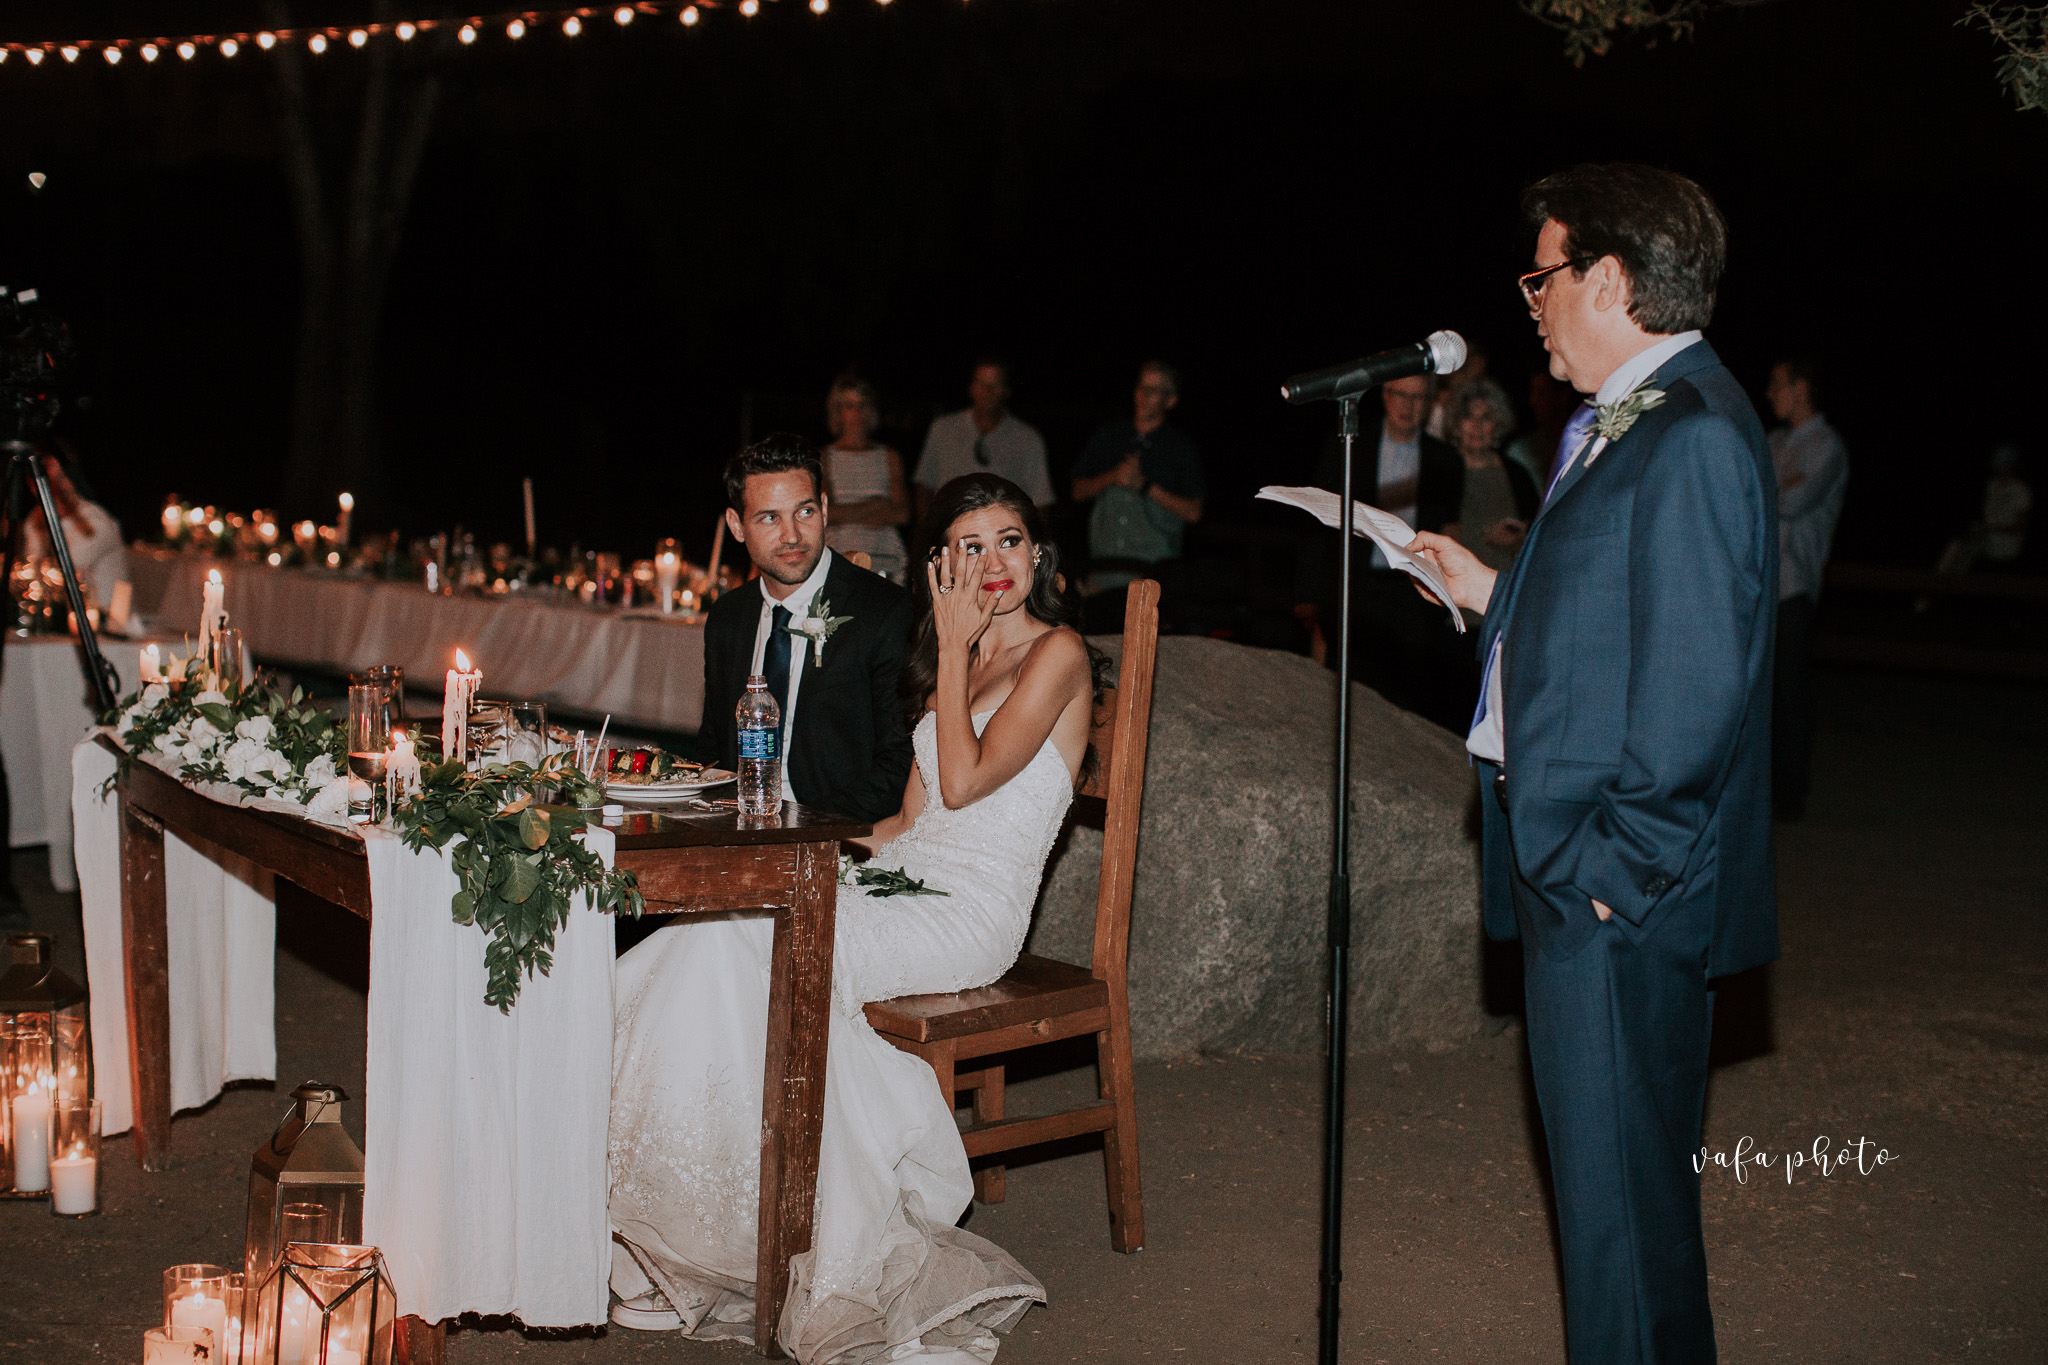 Southern-California-Wedding-Britt-Nilsson-Jeremy-Byrne-Vafa-Photo-937.jpg